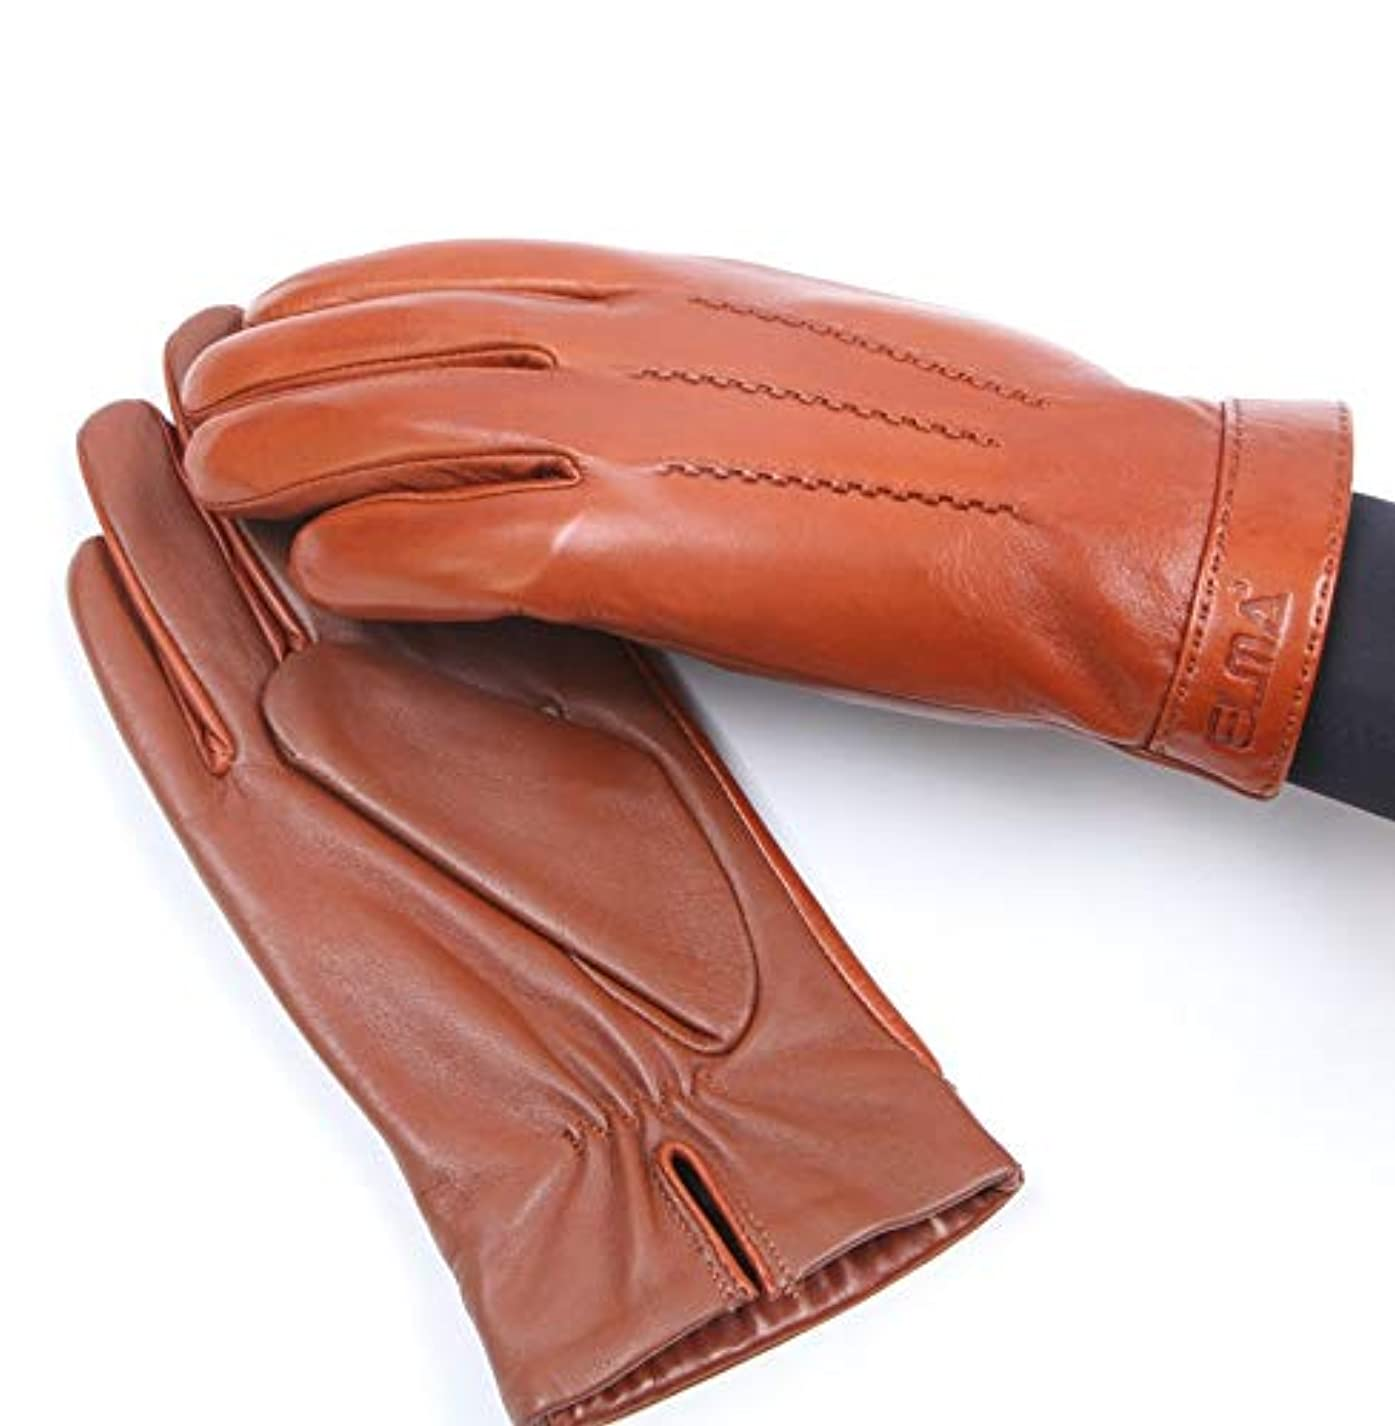 無駄なつかの間終了しましたBAJIMI 手袋 グローブ レディース/メンズ ハンド ケア ファッションメンズレザーグローブプラスベルベット暖かいフルタッチグローブ運転 裏起毛 おしゃれ 手触りが良い 運転 耐磨耗性 換気性